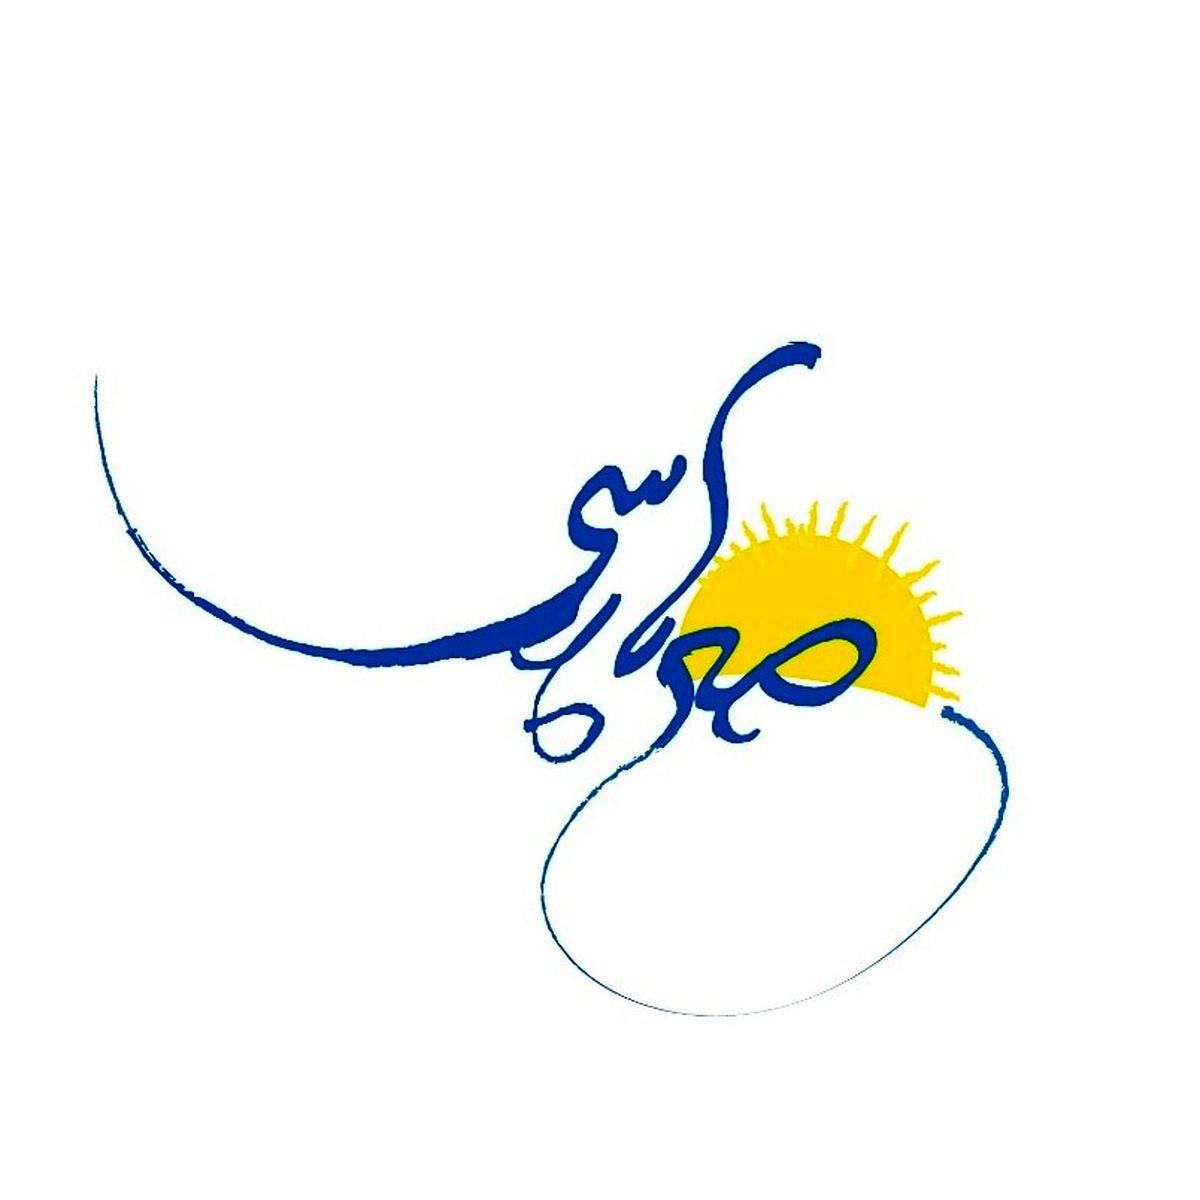 قرض کردن موضوع اصلی برنامه «صبح پارسی»